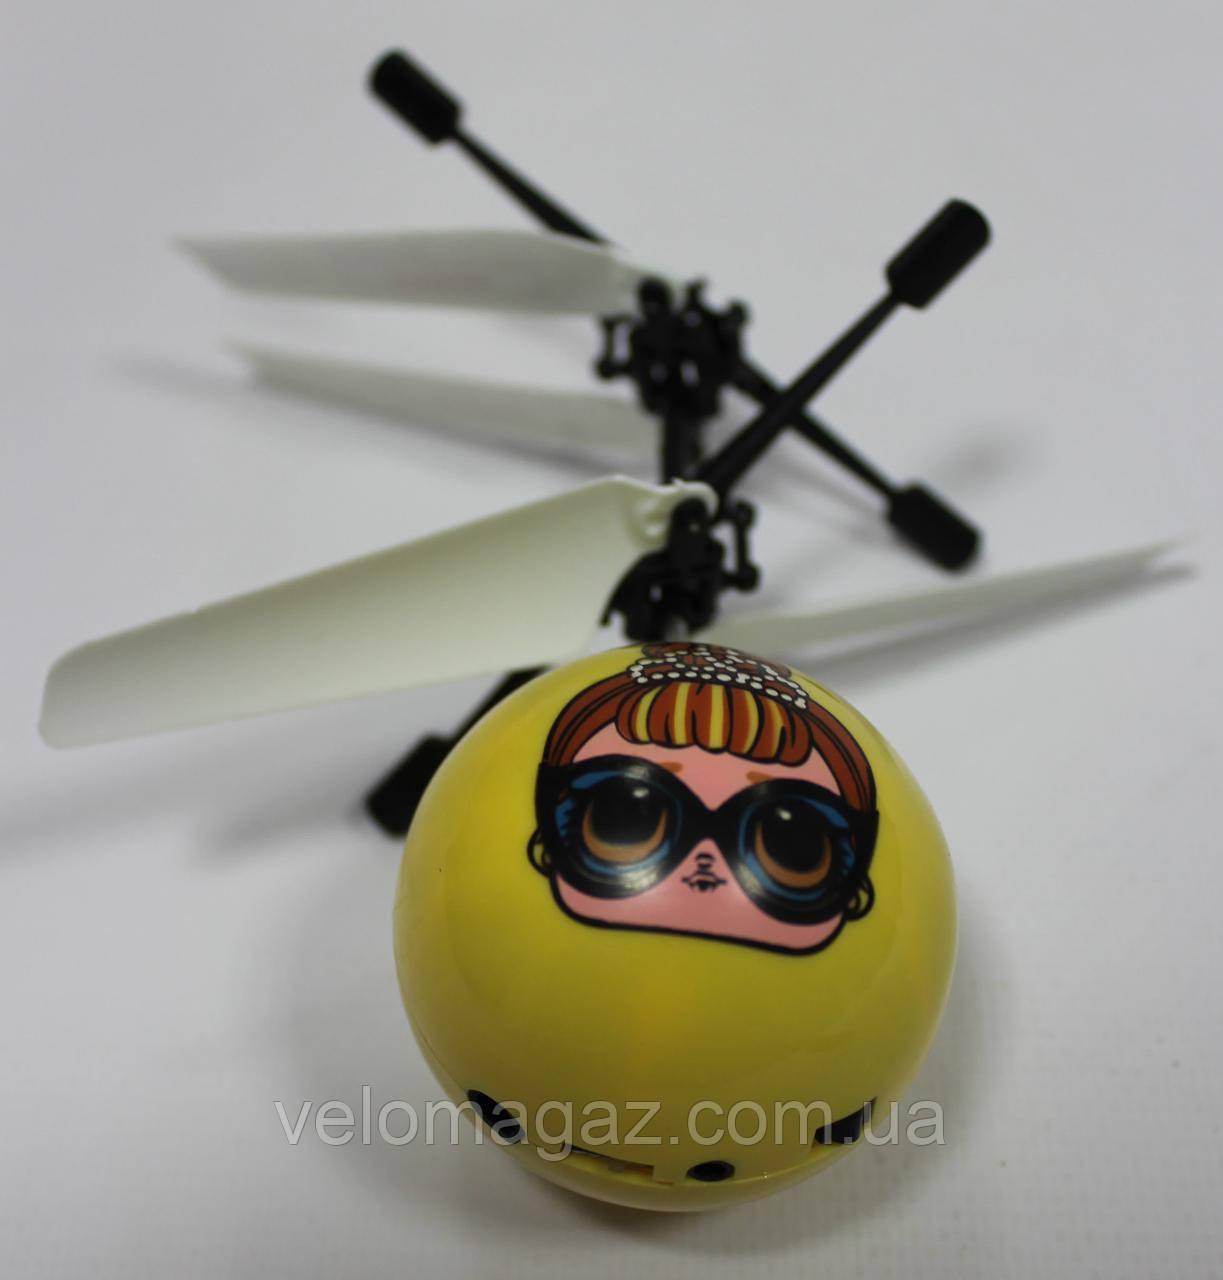 Летающий LOL HJ-388. интерактивная игрушка